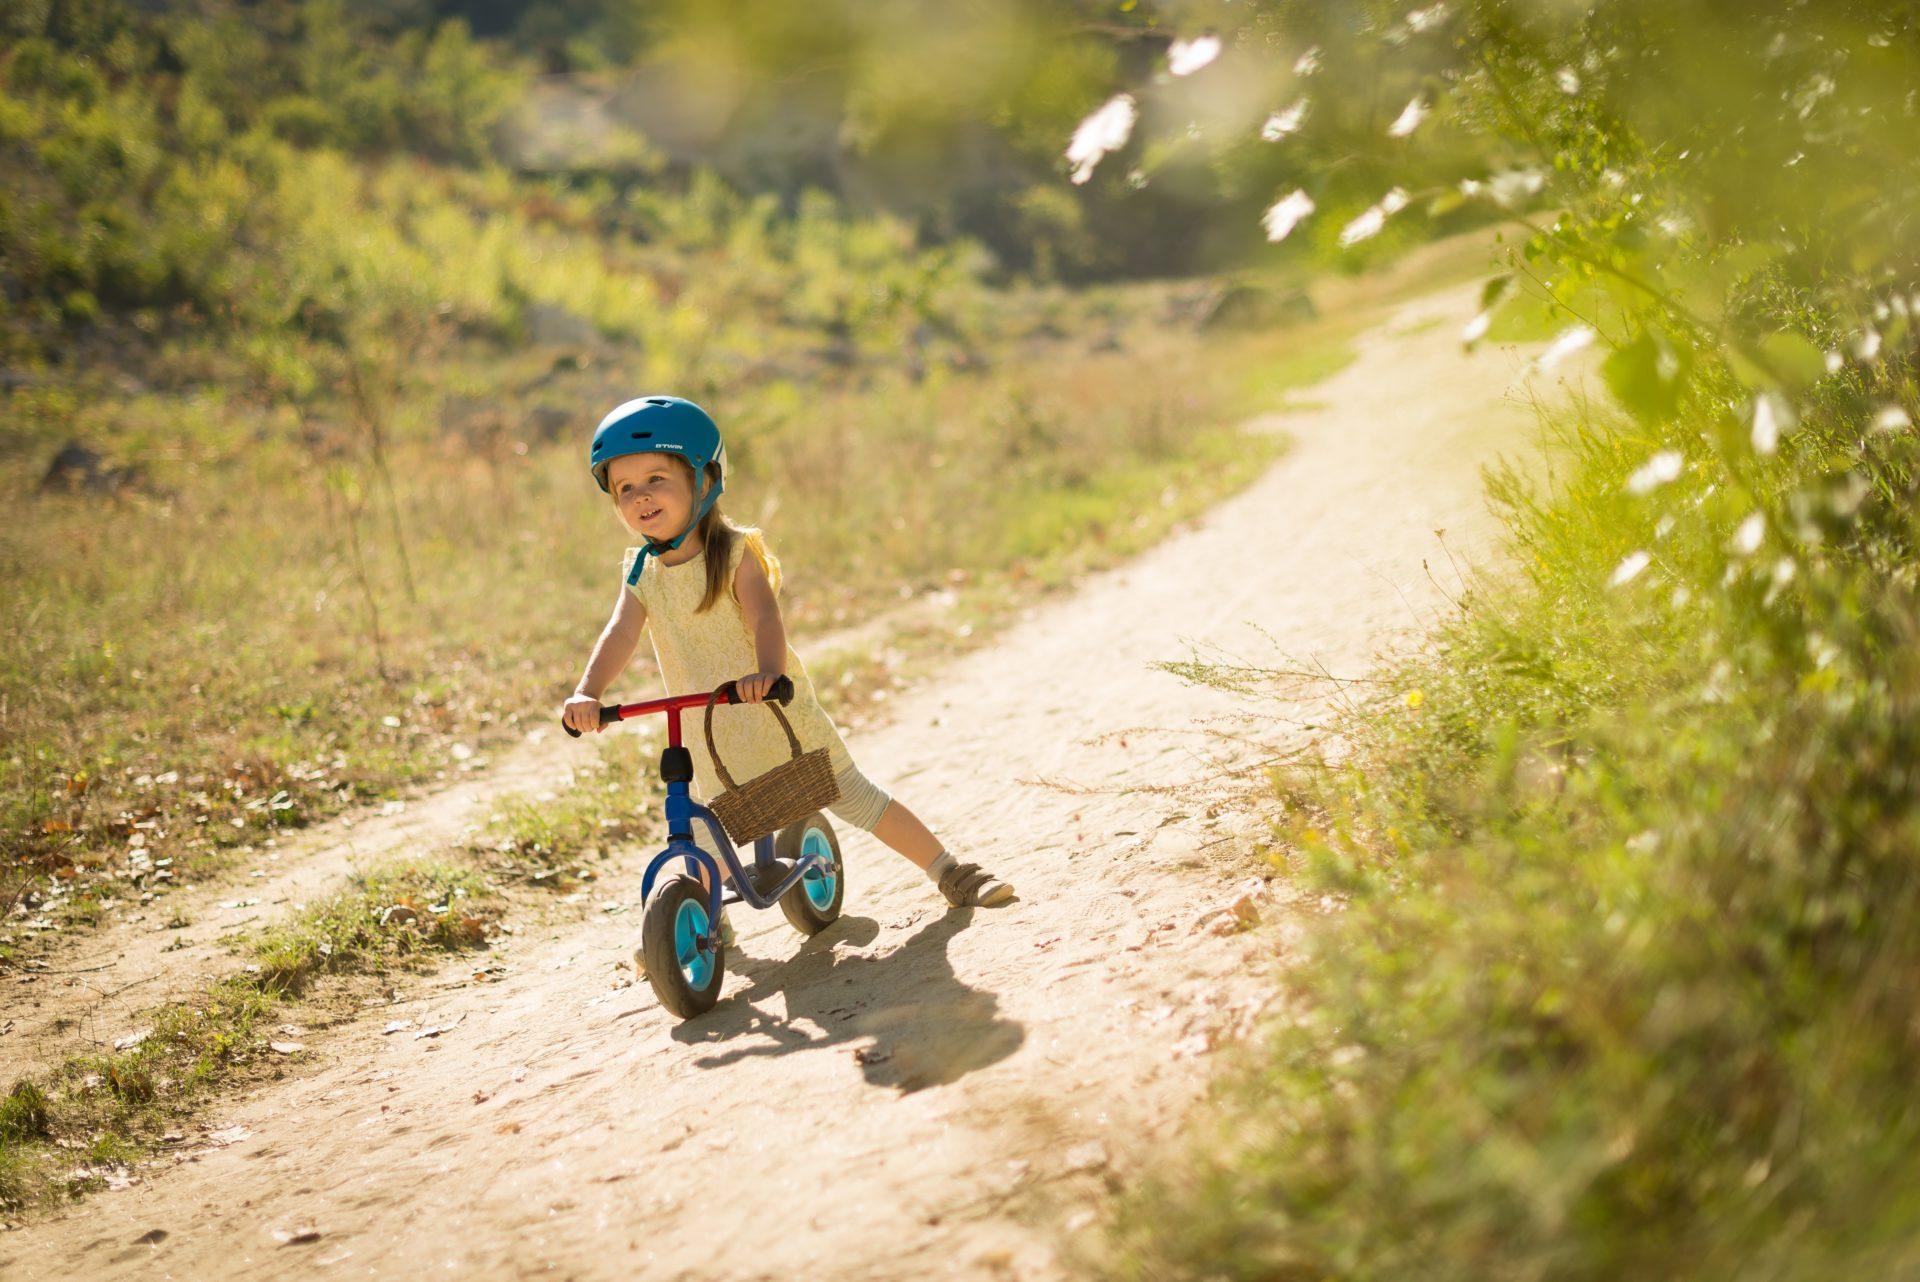 Come andare in bici | Non sprecare